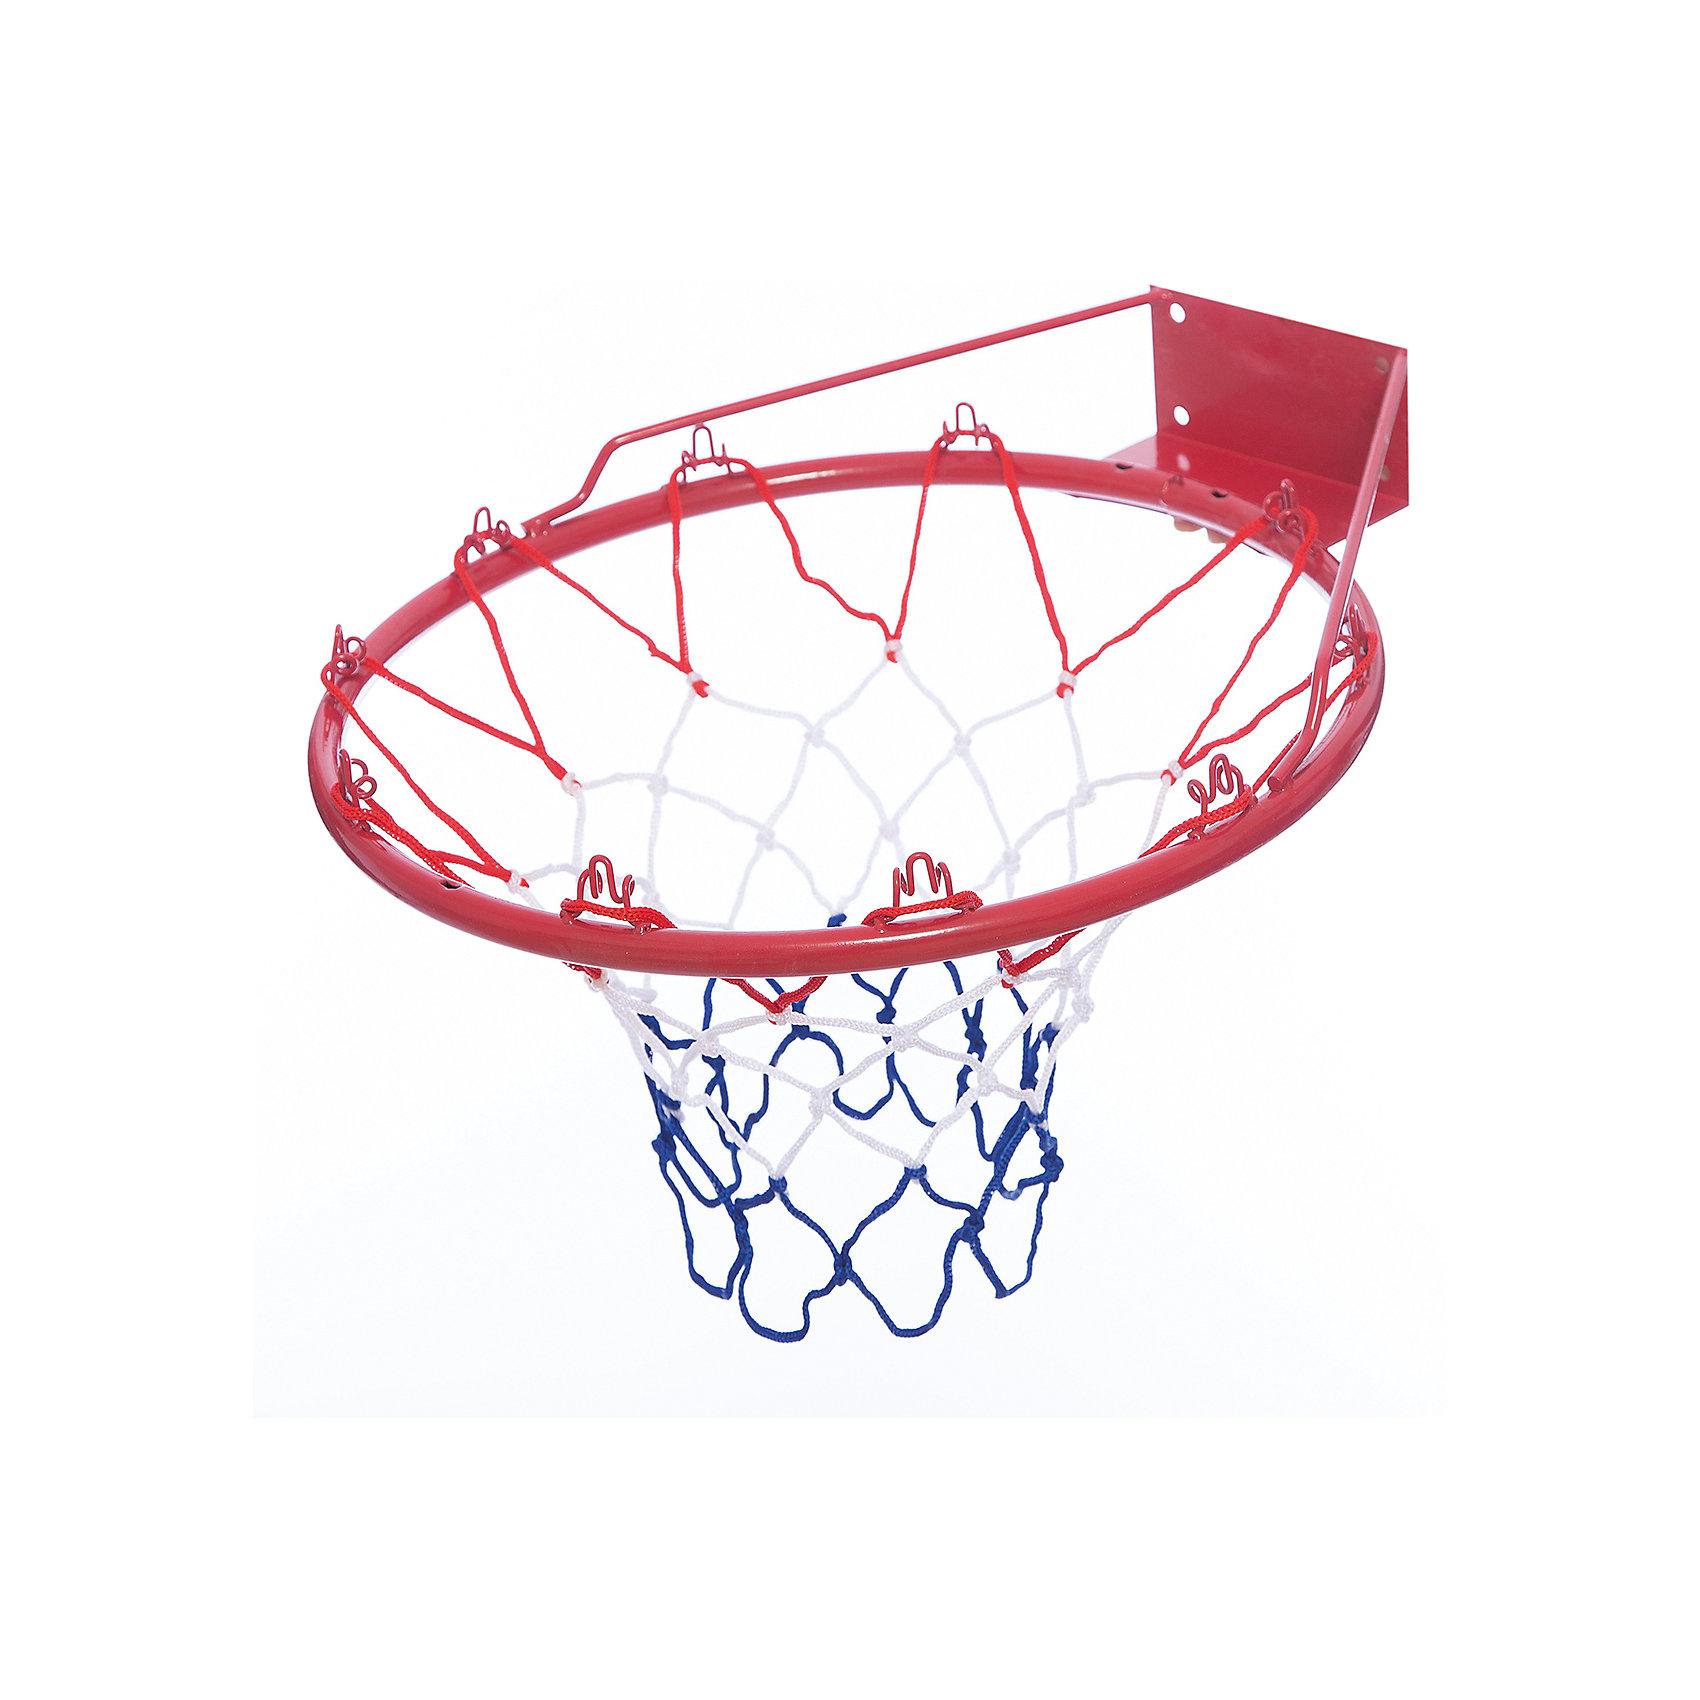 Баскетбольная корзинаБаскетбольная корзина диаметром 42 см прекрасно подойдет для занятий баскетболом. Почувствовать себя настоящим баскетболистом и участником крутых соревнований по баскетболу теперь вашему ребенку не составит труда.<br><br>Имея такой набор для игры в баскетбол, Ваш ребенок сможет не только весело провести время у себя дома, но и на улице в окружении своих друзей. А, играя с такой игрушкой, у вашего ребенка развивается меткость, прыткость и он получает положительный заряд энергии на долгое время. <br><br>Комплектация: баскетбольная корзина, сетка для корзины и необходимые крепления<br><br>Дополнительная информация:<br><br>-Диаметр корзины: 42см<br><br>Корзина баскетбольная в комплекте с сеткой и креплениями станет прекрасным подарком вашему малышу! Может применяться как для игр дома, так и для игр на улице! <br><br>Баскетбольную корзину можно купить в нашем магазине.<br><br>Ширина мм: 445<br>Глубина мм: 80<br>Высота мм: 445<br>Вес г: 1375<br>Возраст от месяцев: 36<br>Возраст до месяцев: 1188<br>Пол: Унисекс<br>Возраст: Детский<br>SKU: 3676464